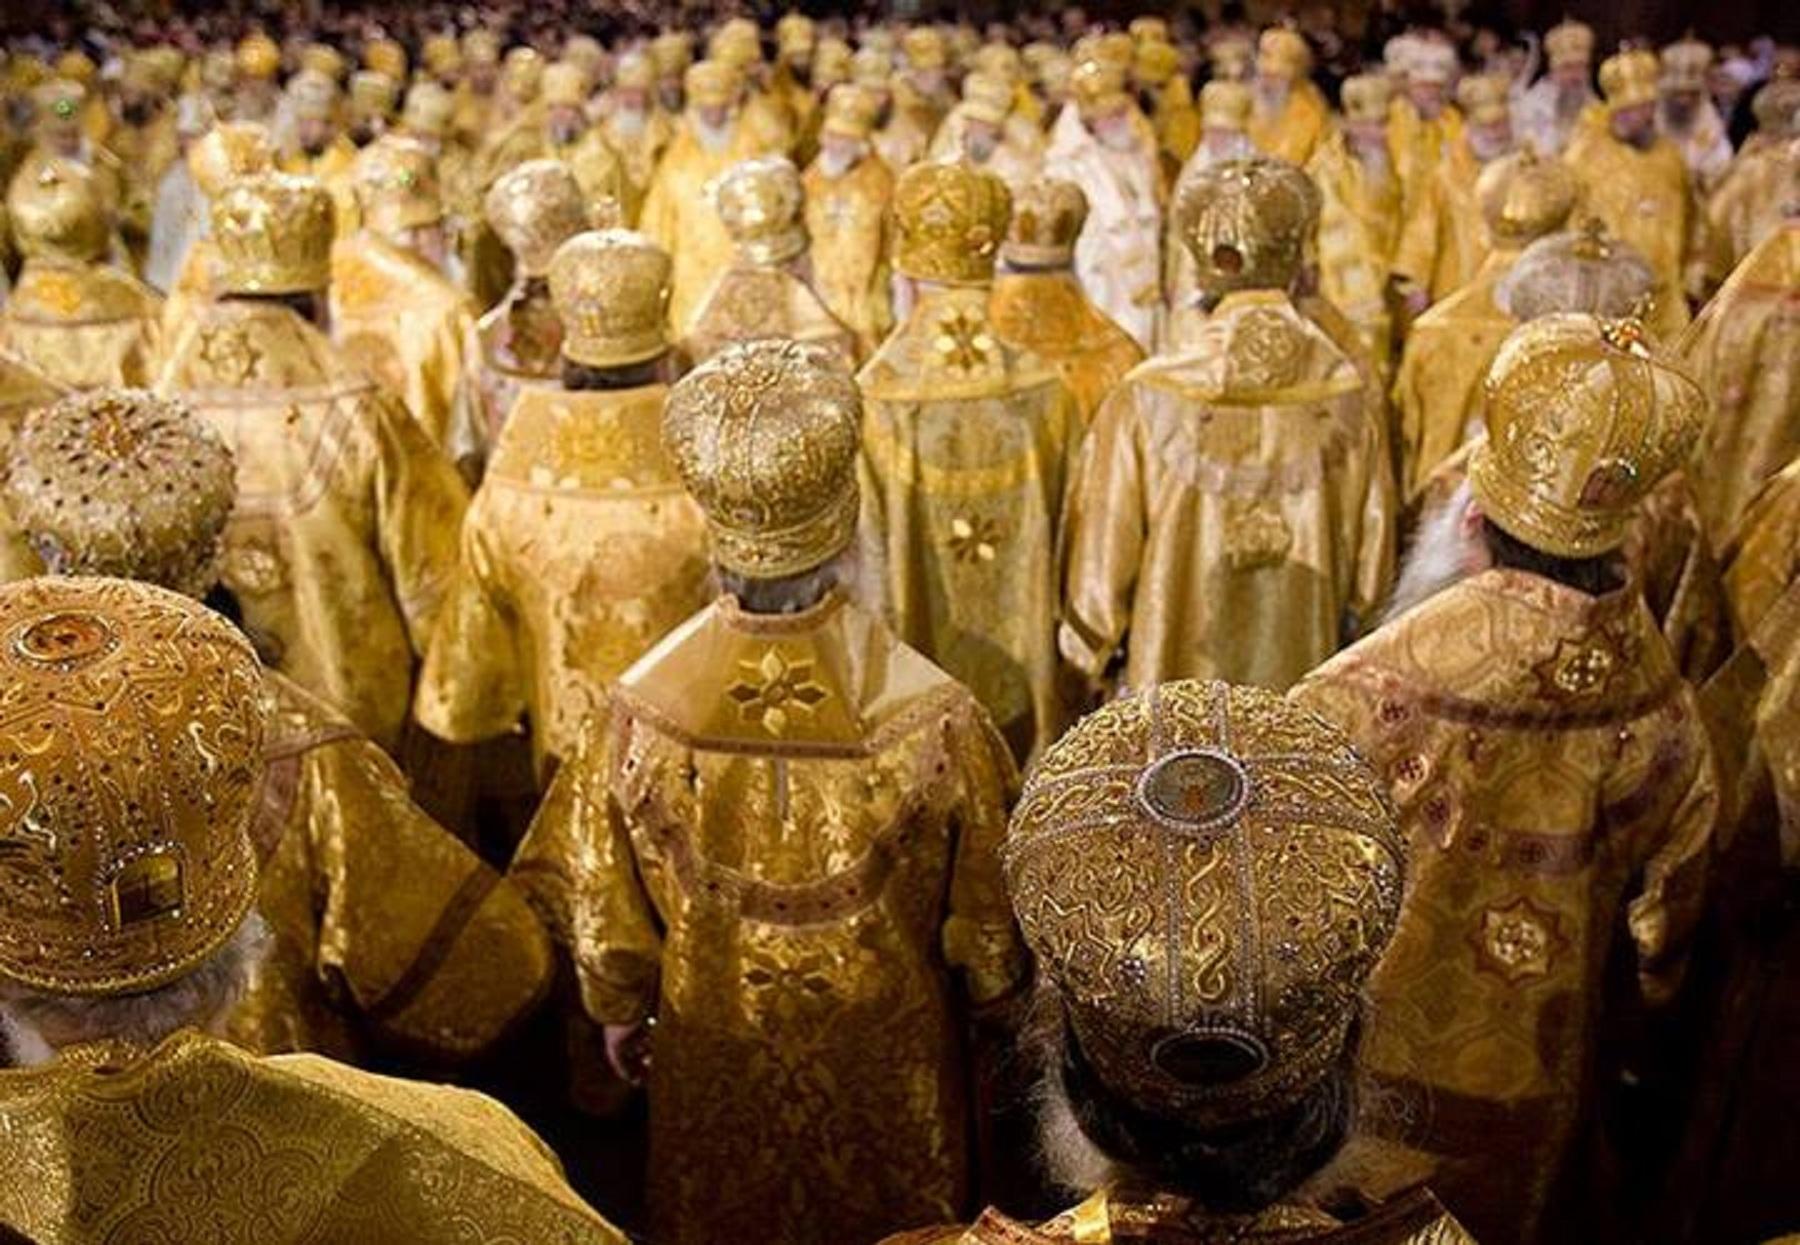 Μά πόση εἶναι ποιά αὐτή ἡ ἐκκλησιαστική περιουσία;